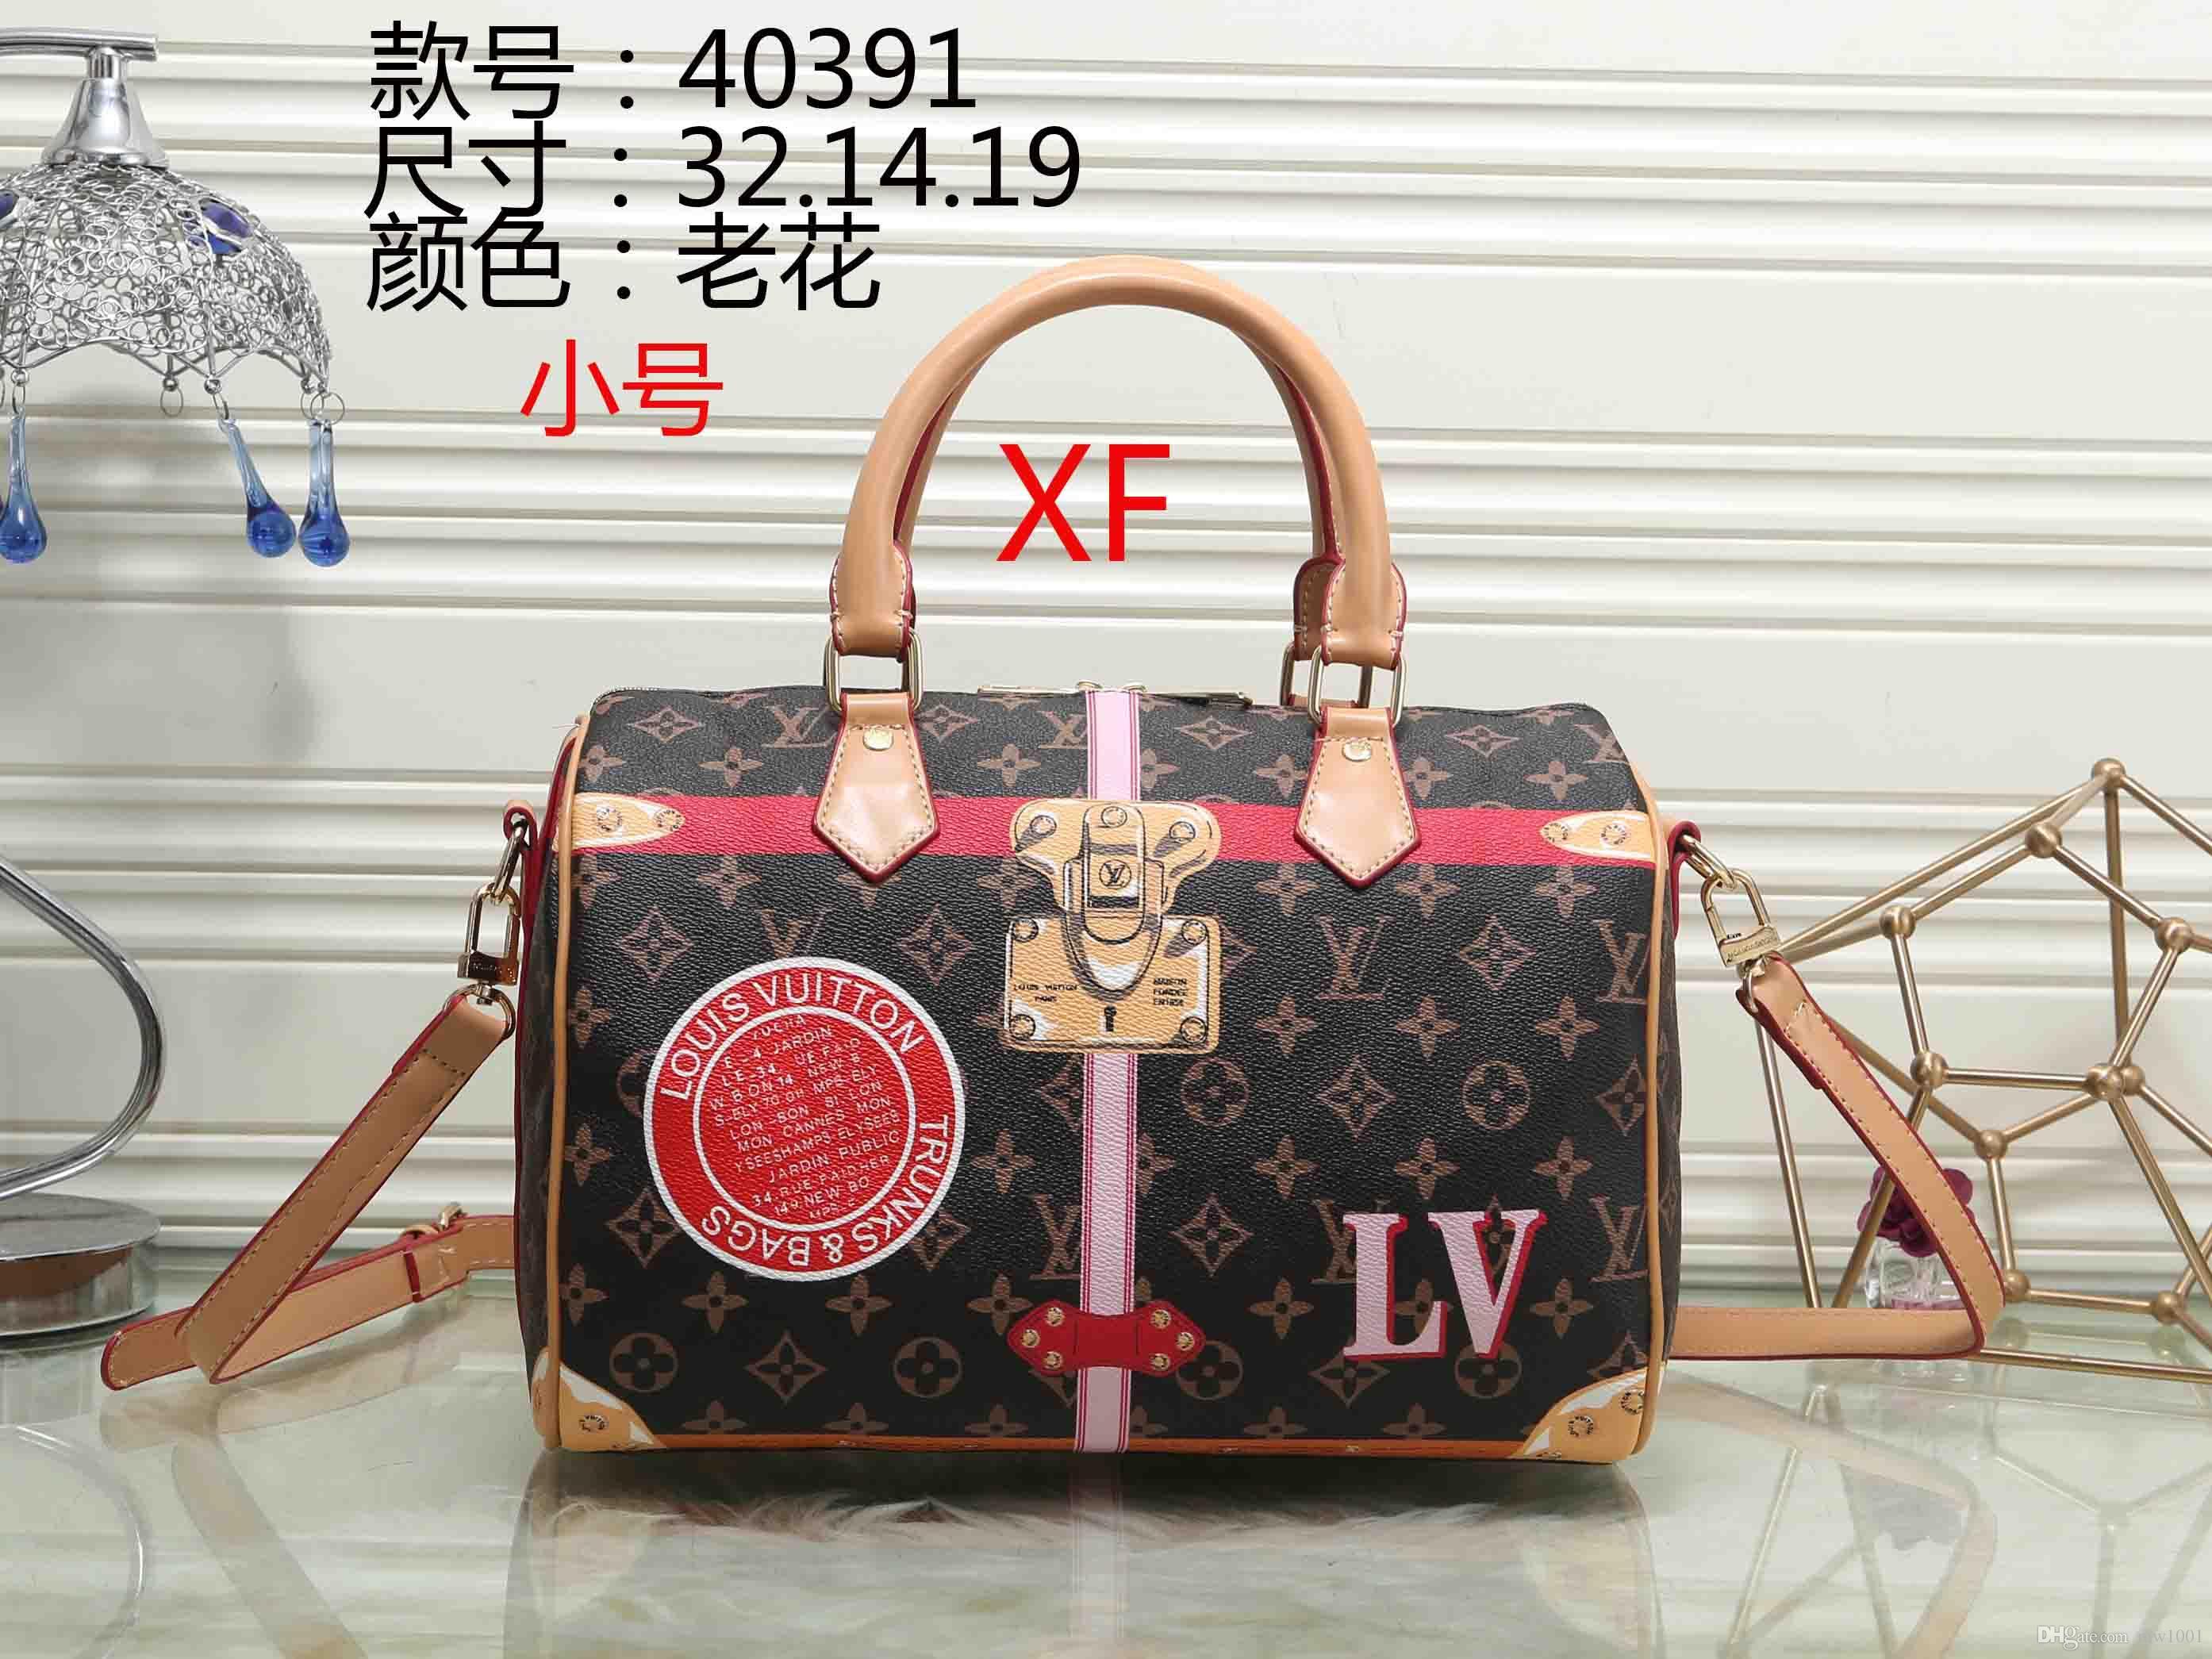 a889df023f50 2018 Brand New Designer Handbags Luxury Brand Handbag Fashion Totes ...